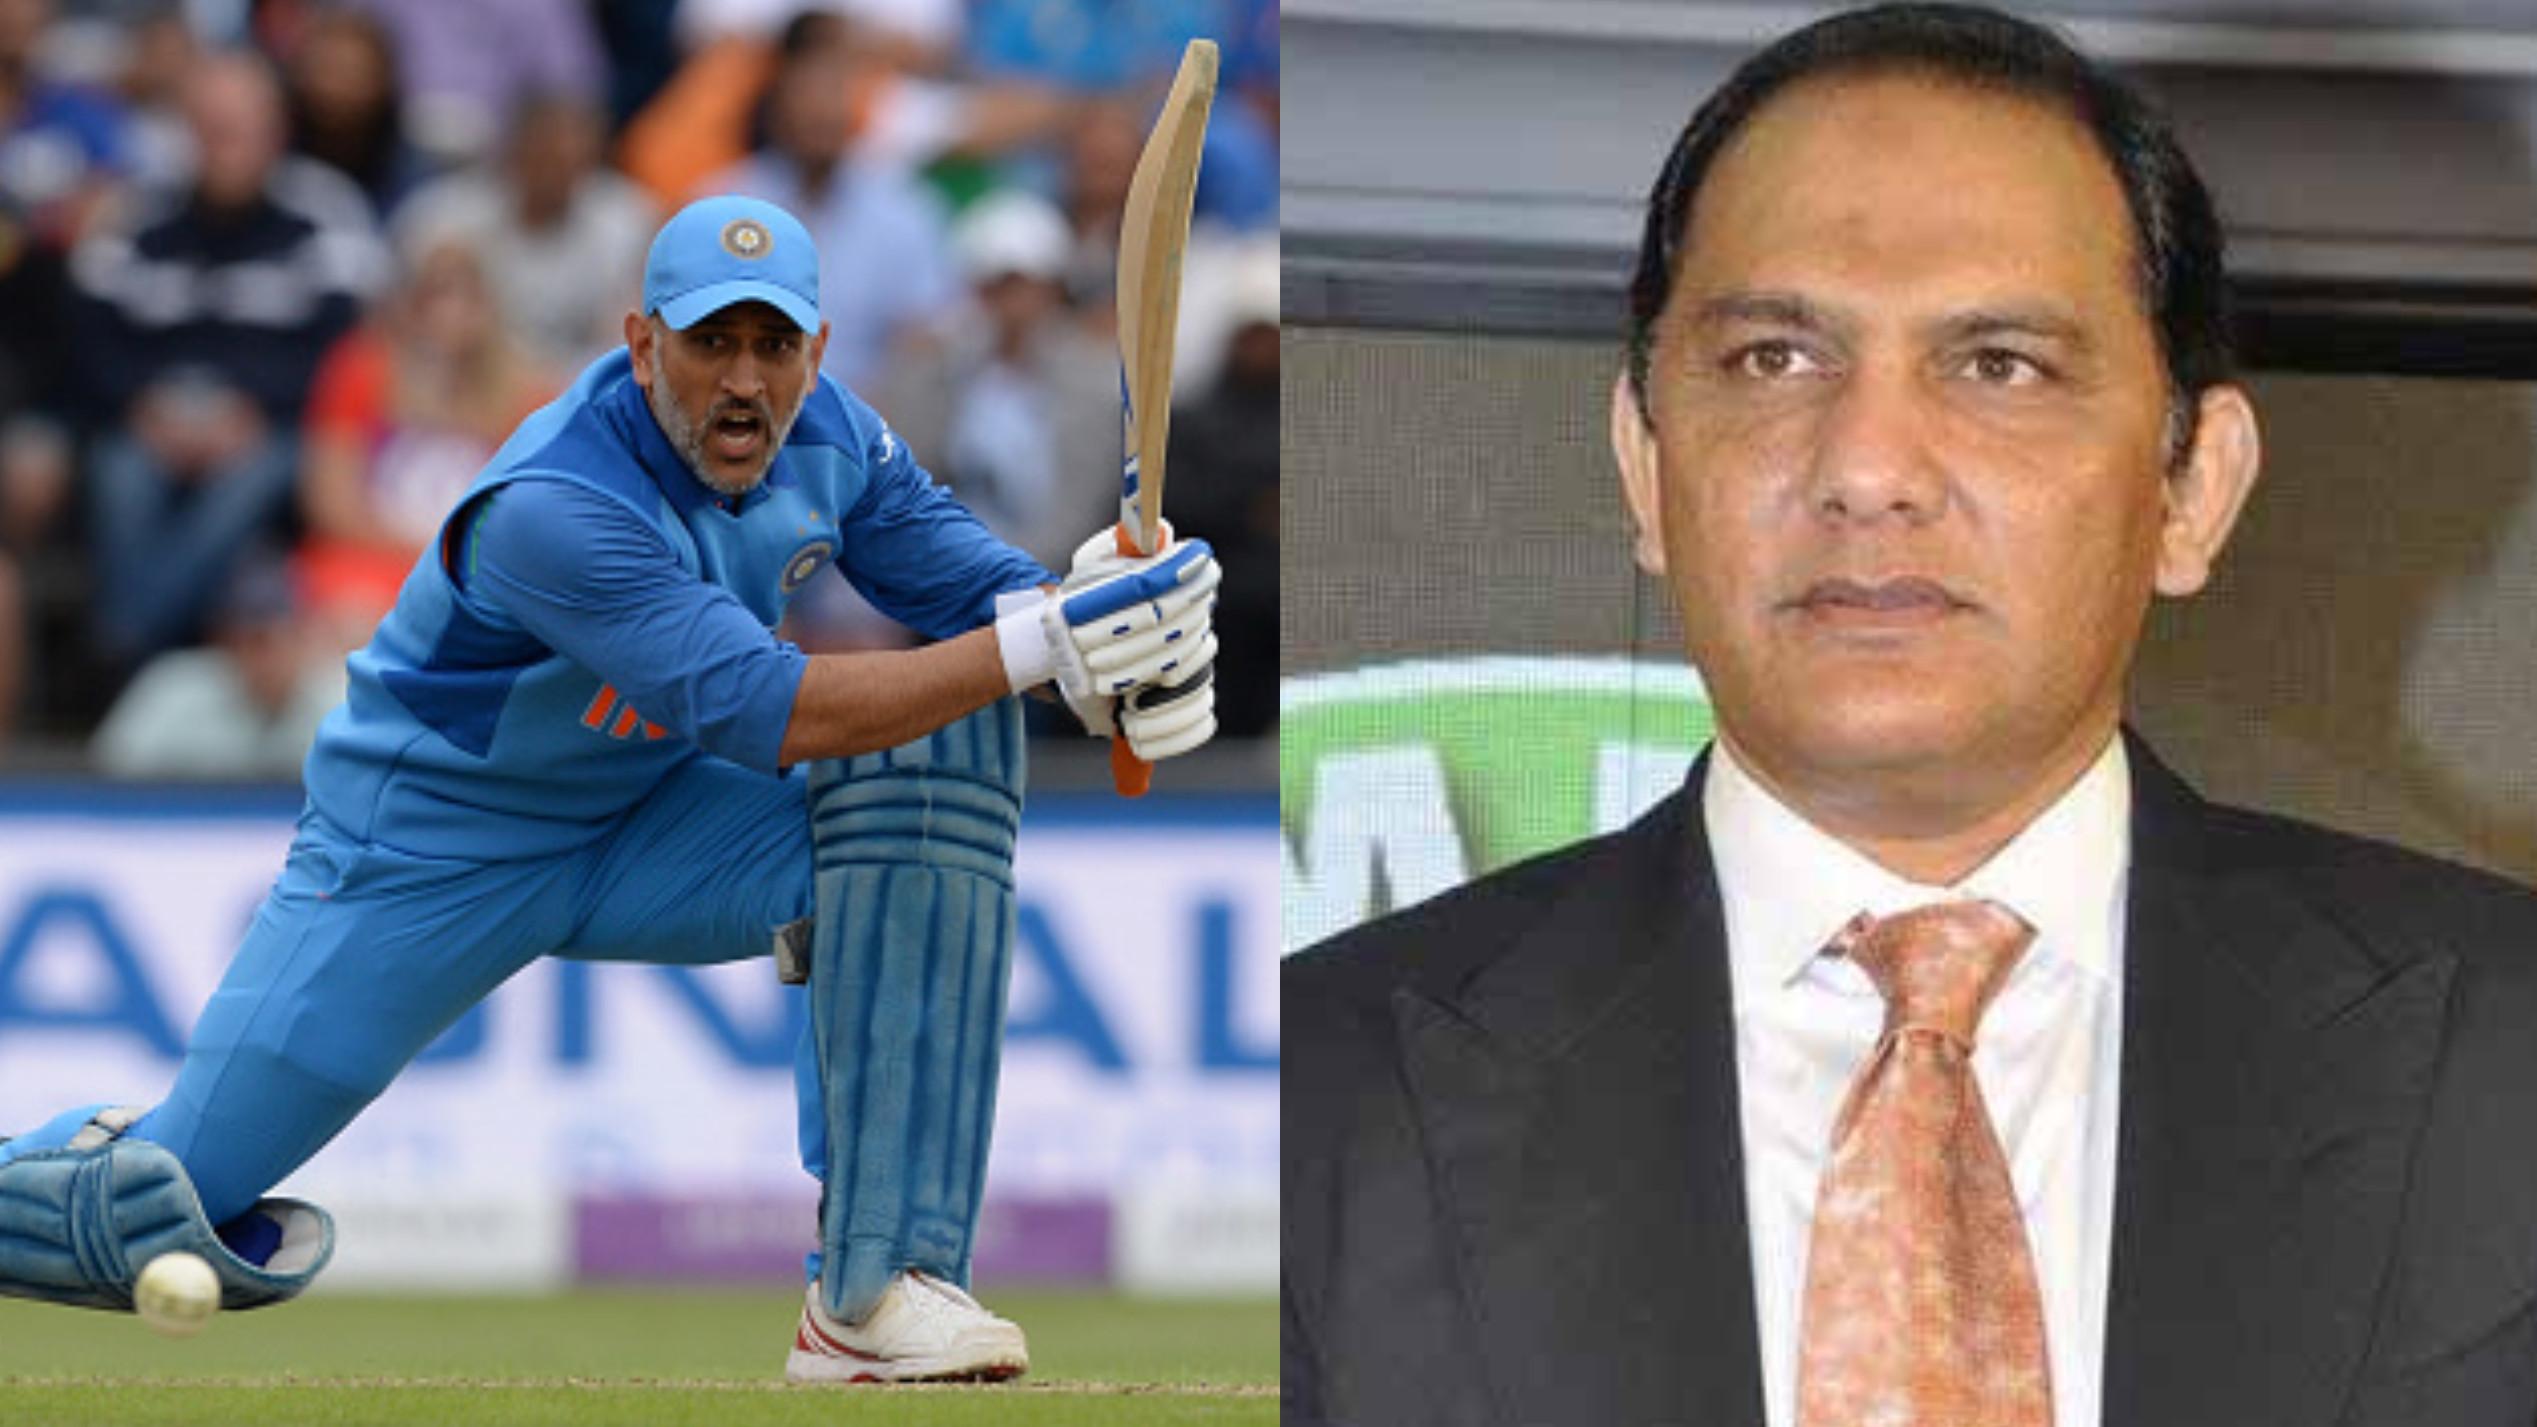 मोहम्मद अजहरुद्दीन के अनुसार एमएस धोनी 2019 विश्व कप में होंगे भारत के नंबर 1 खिलाड़ी